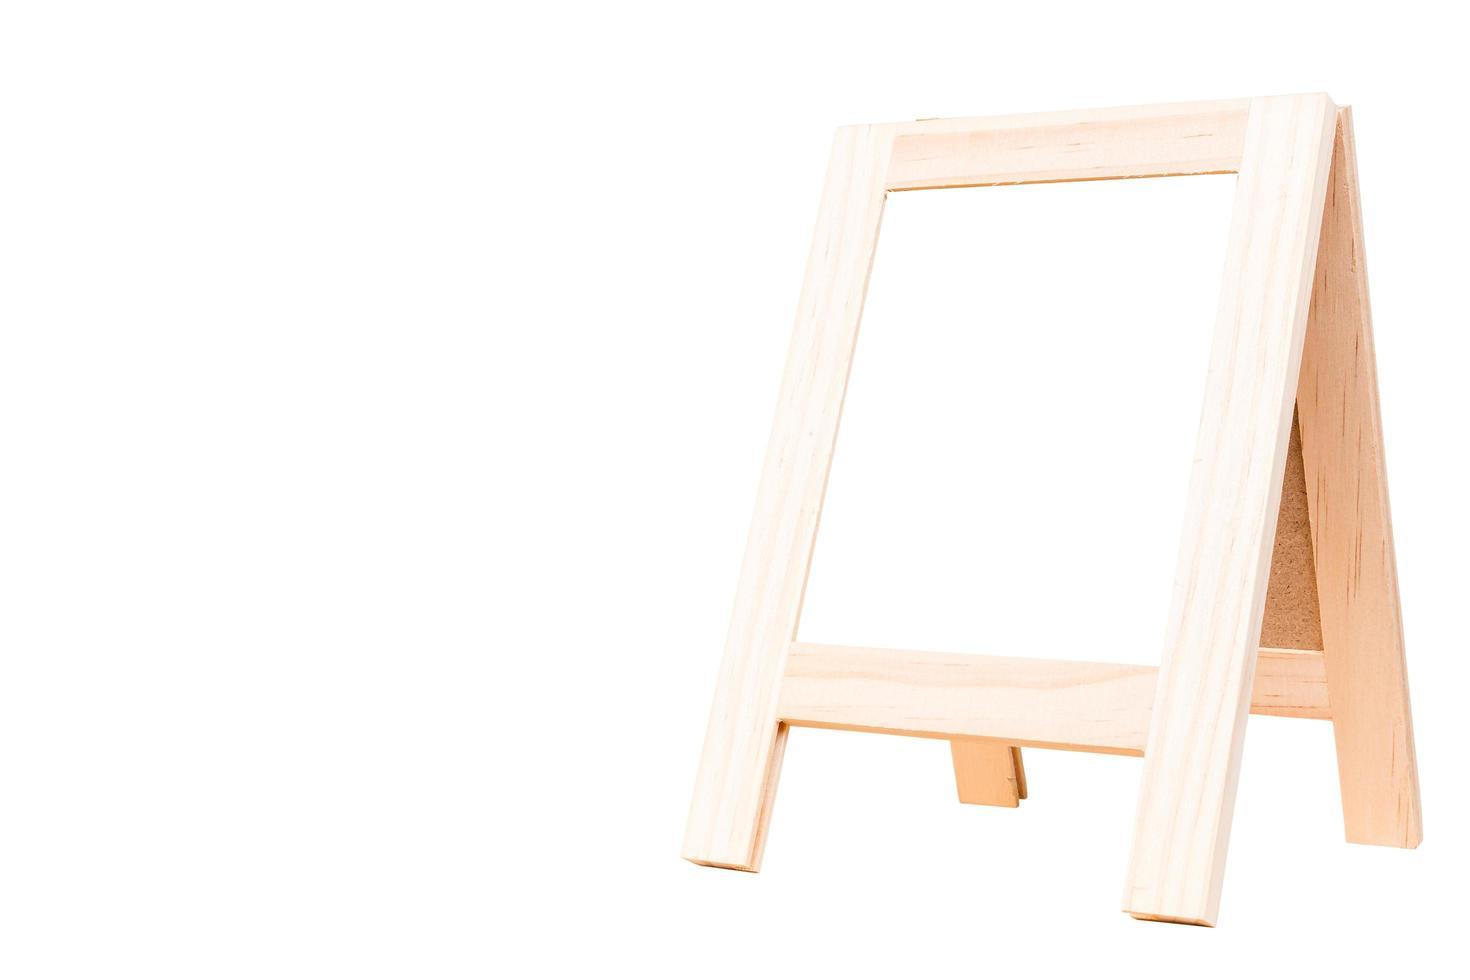 tableau vide isolé sur fond blanc photo